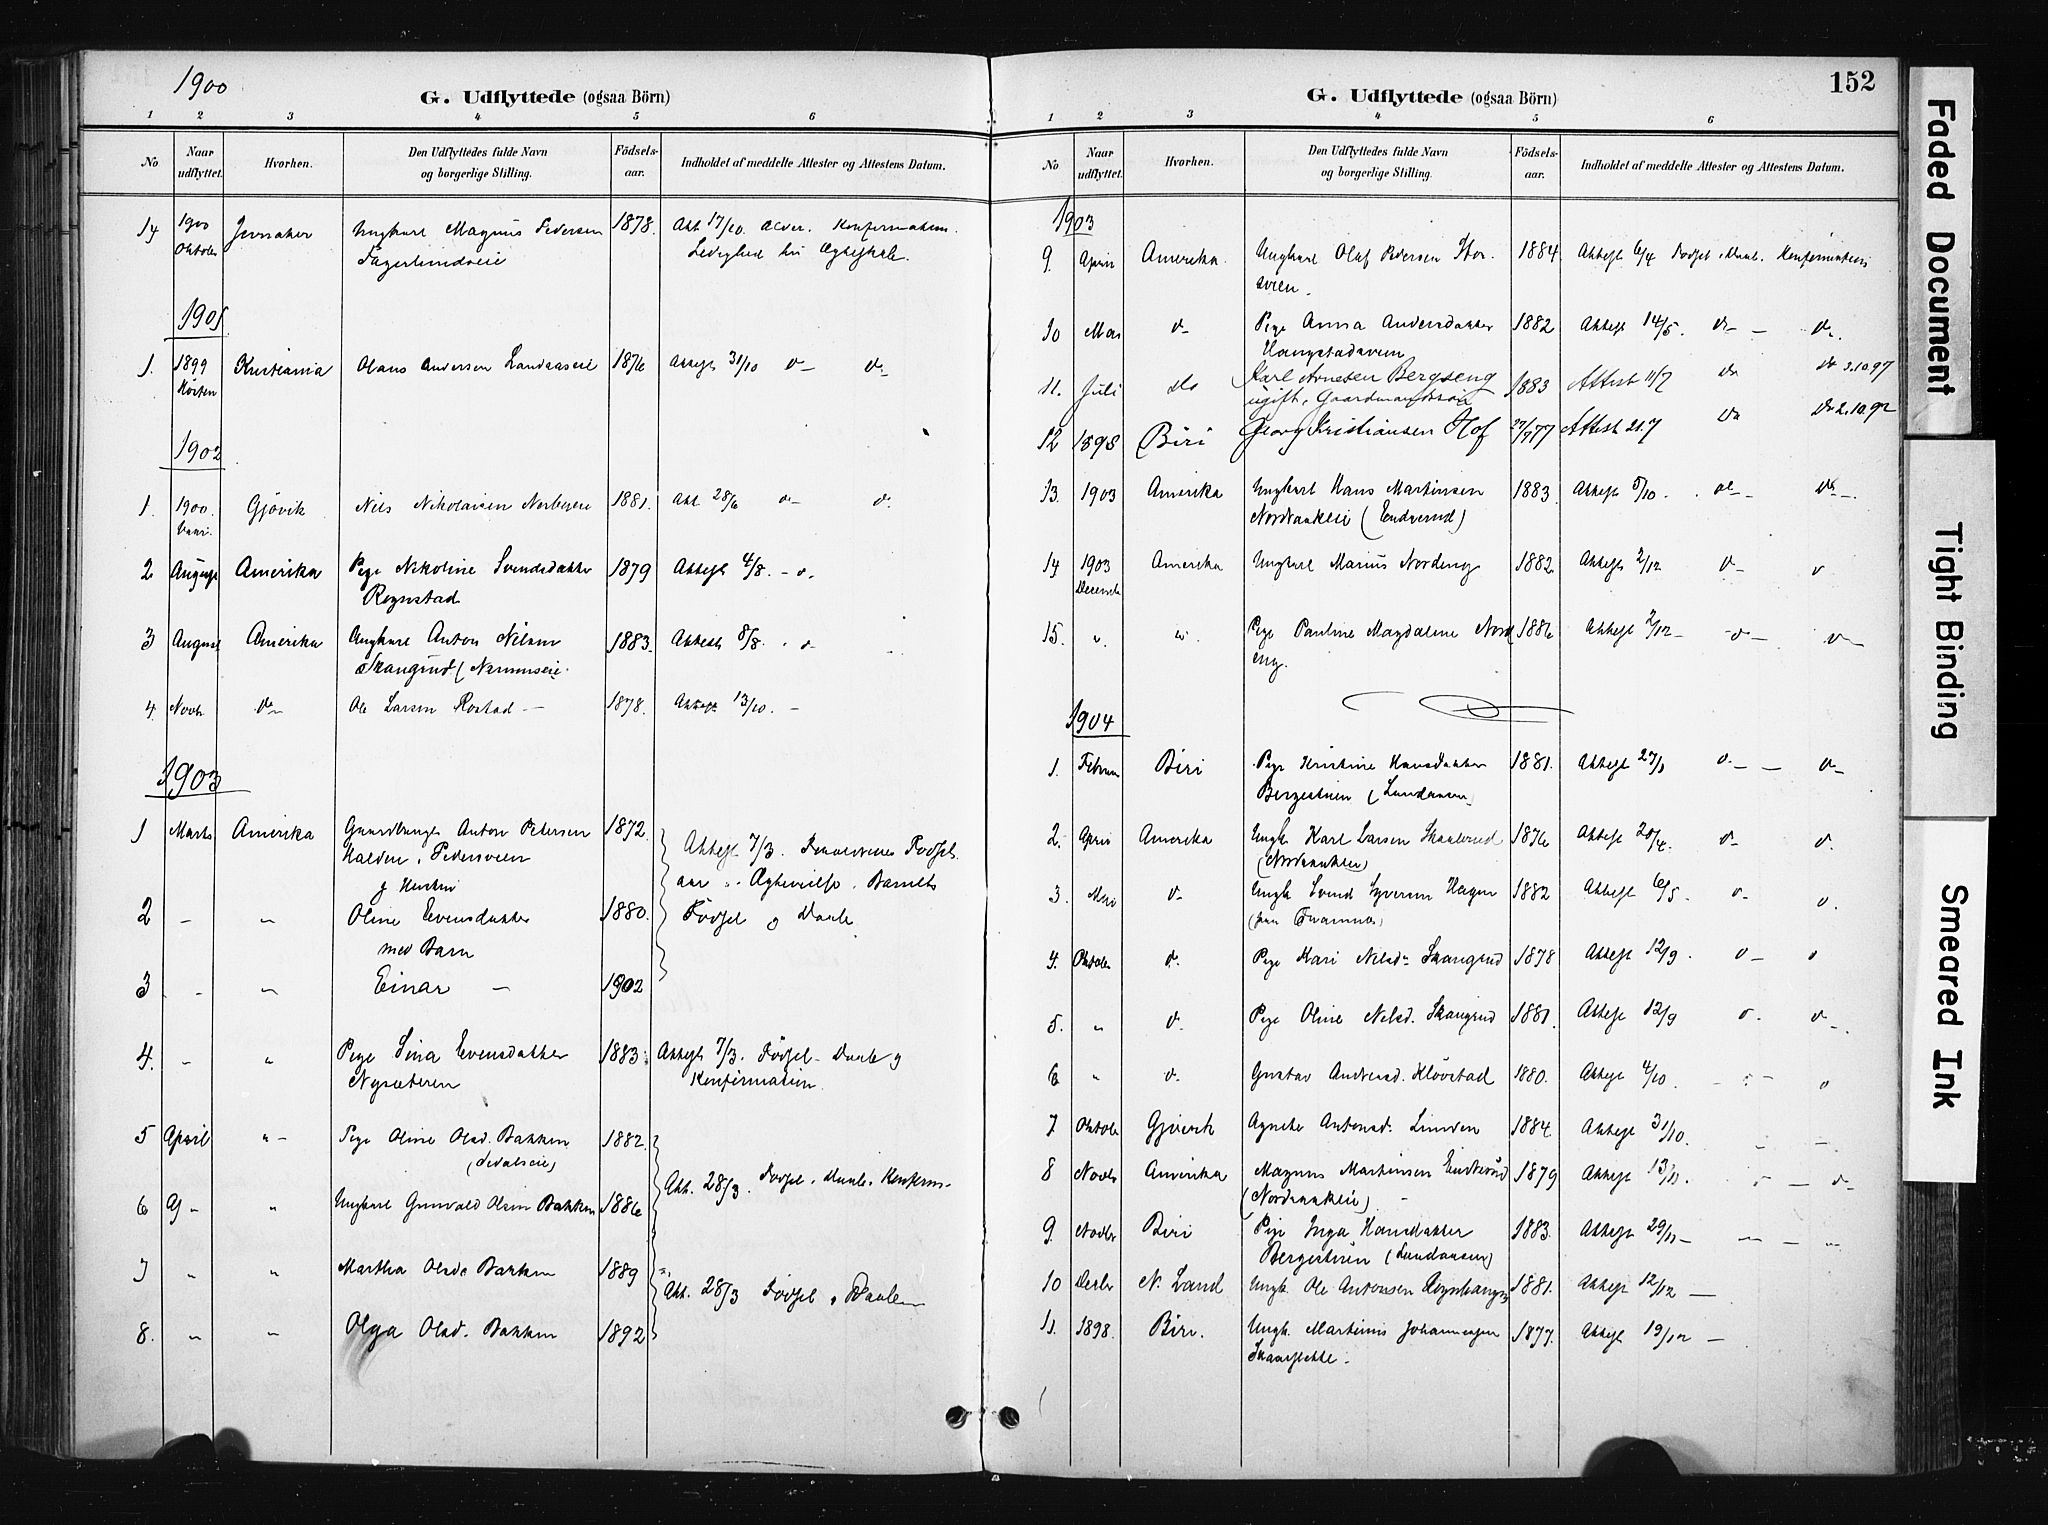 SAH, Søndre Land prestekontor, K/L0004: Ministerialbok nr. 4, 1895-1904, s. 152